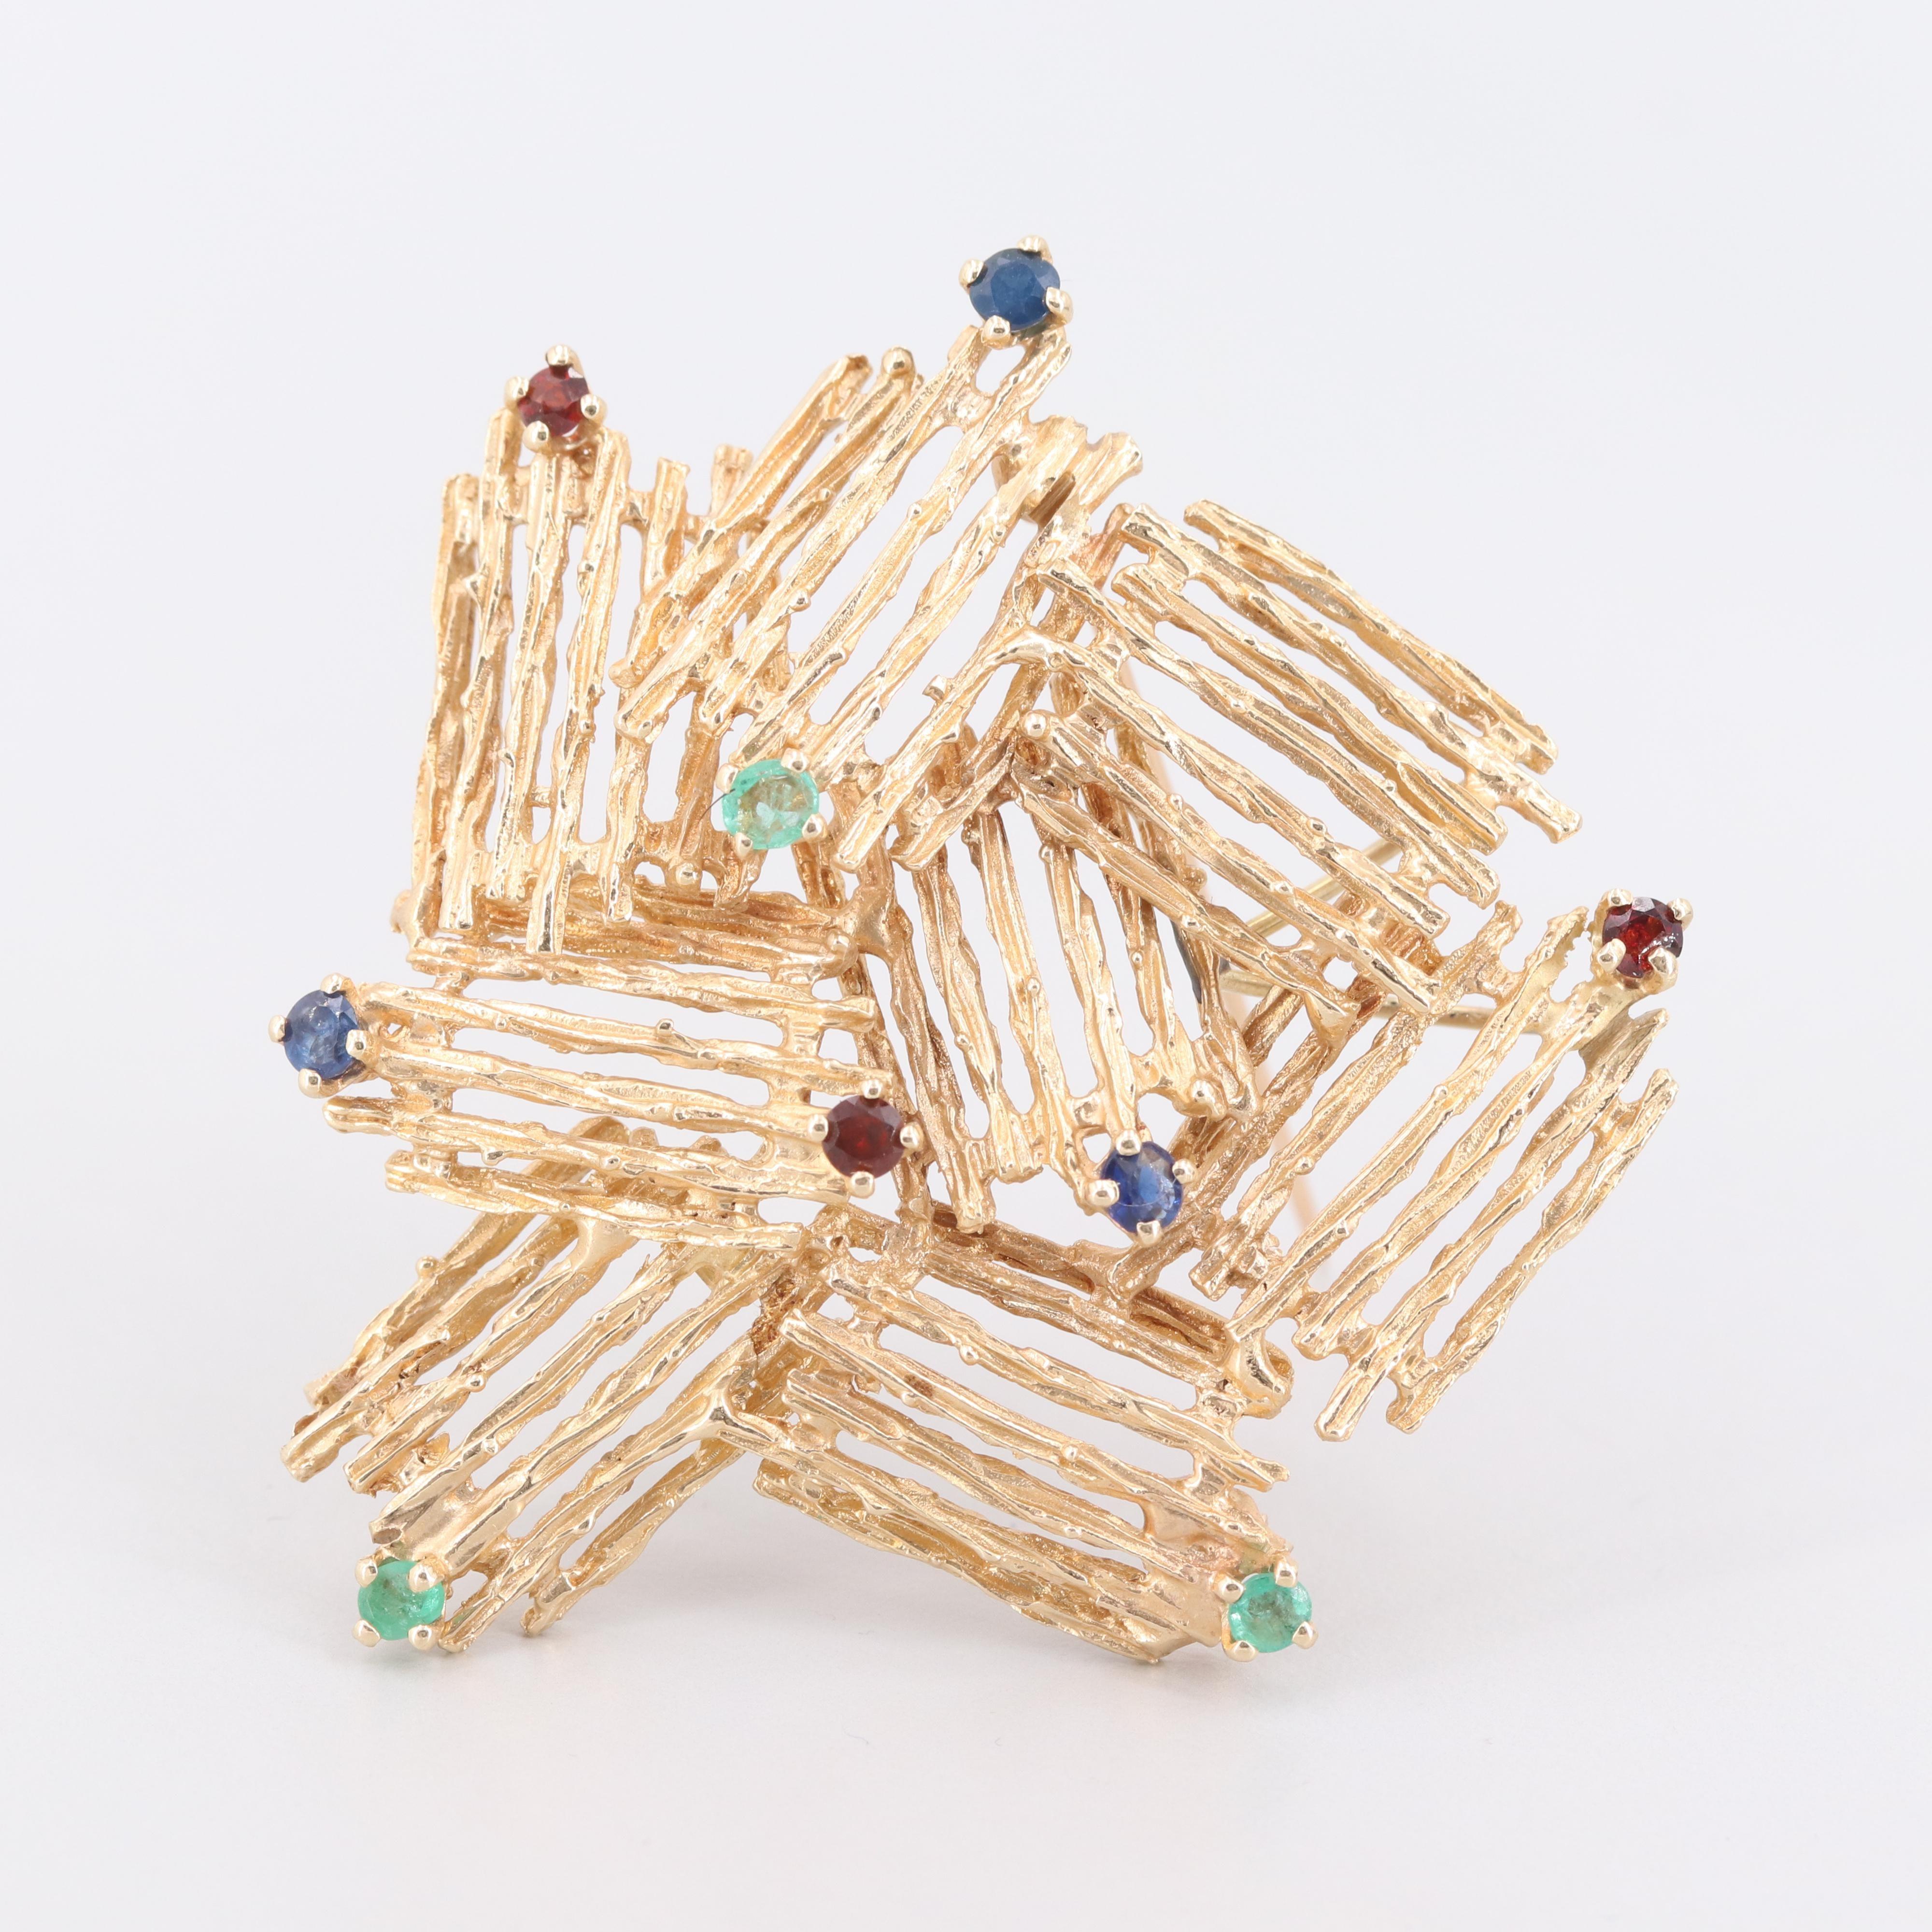 14K Yellow Gold Sapphire, Emerald and Garnet Converter Brooch